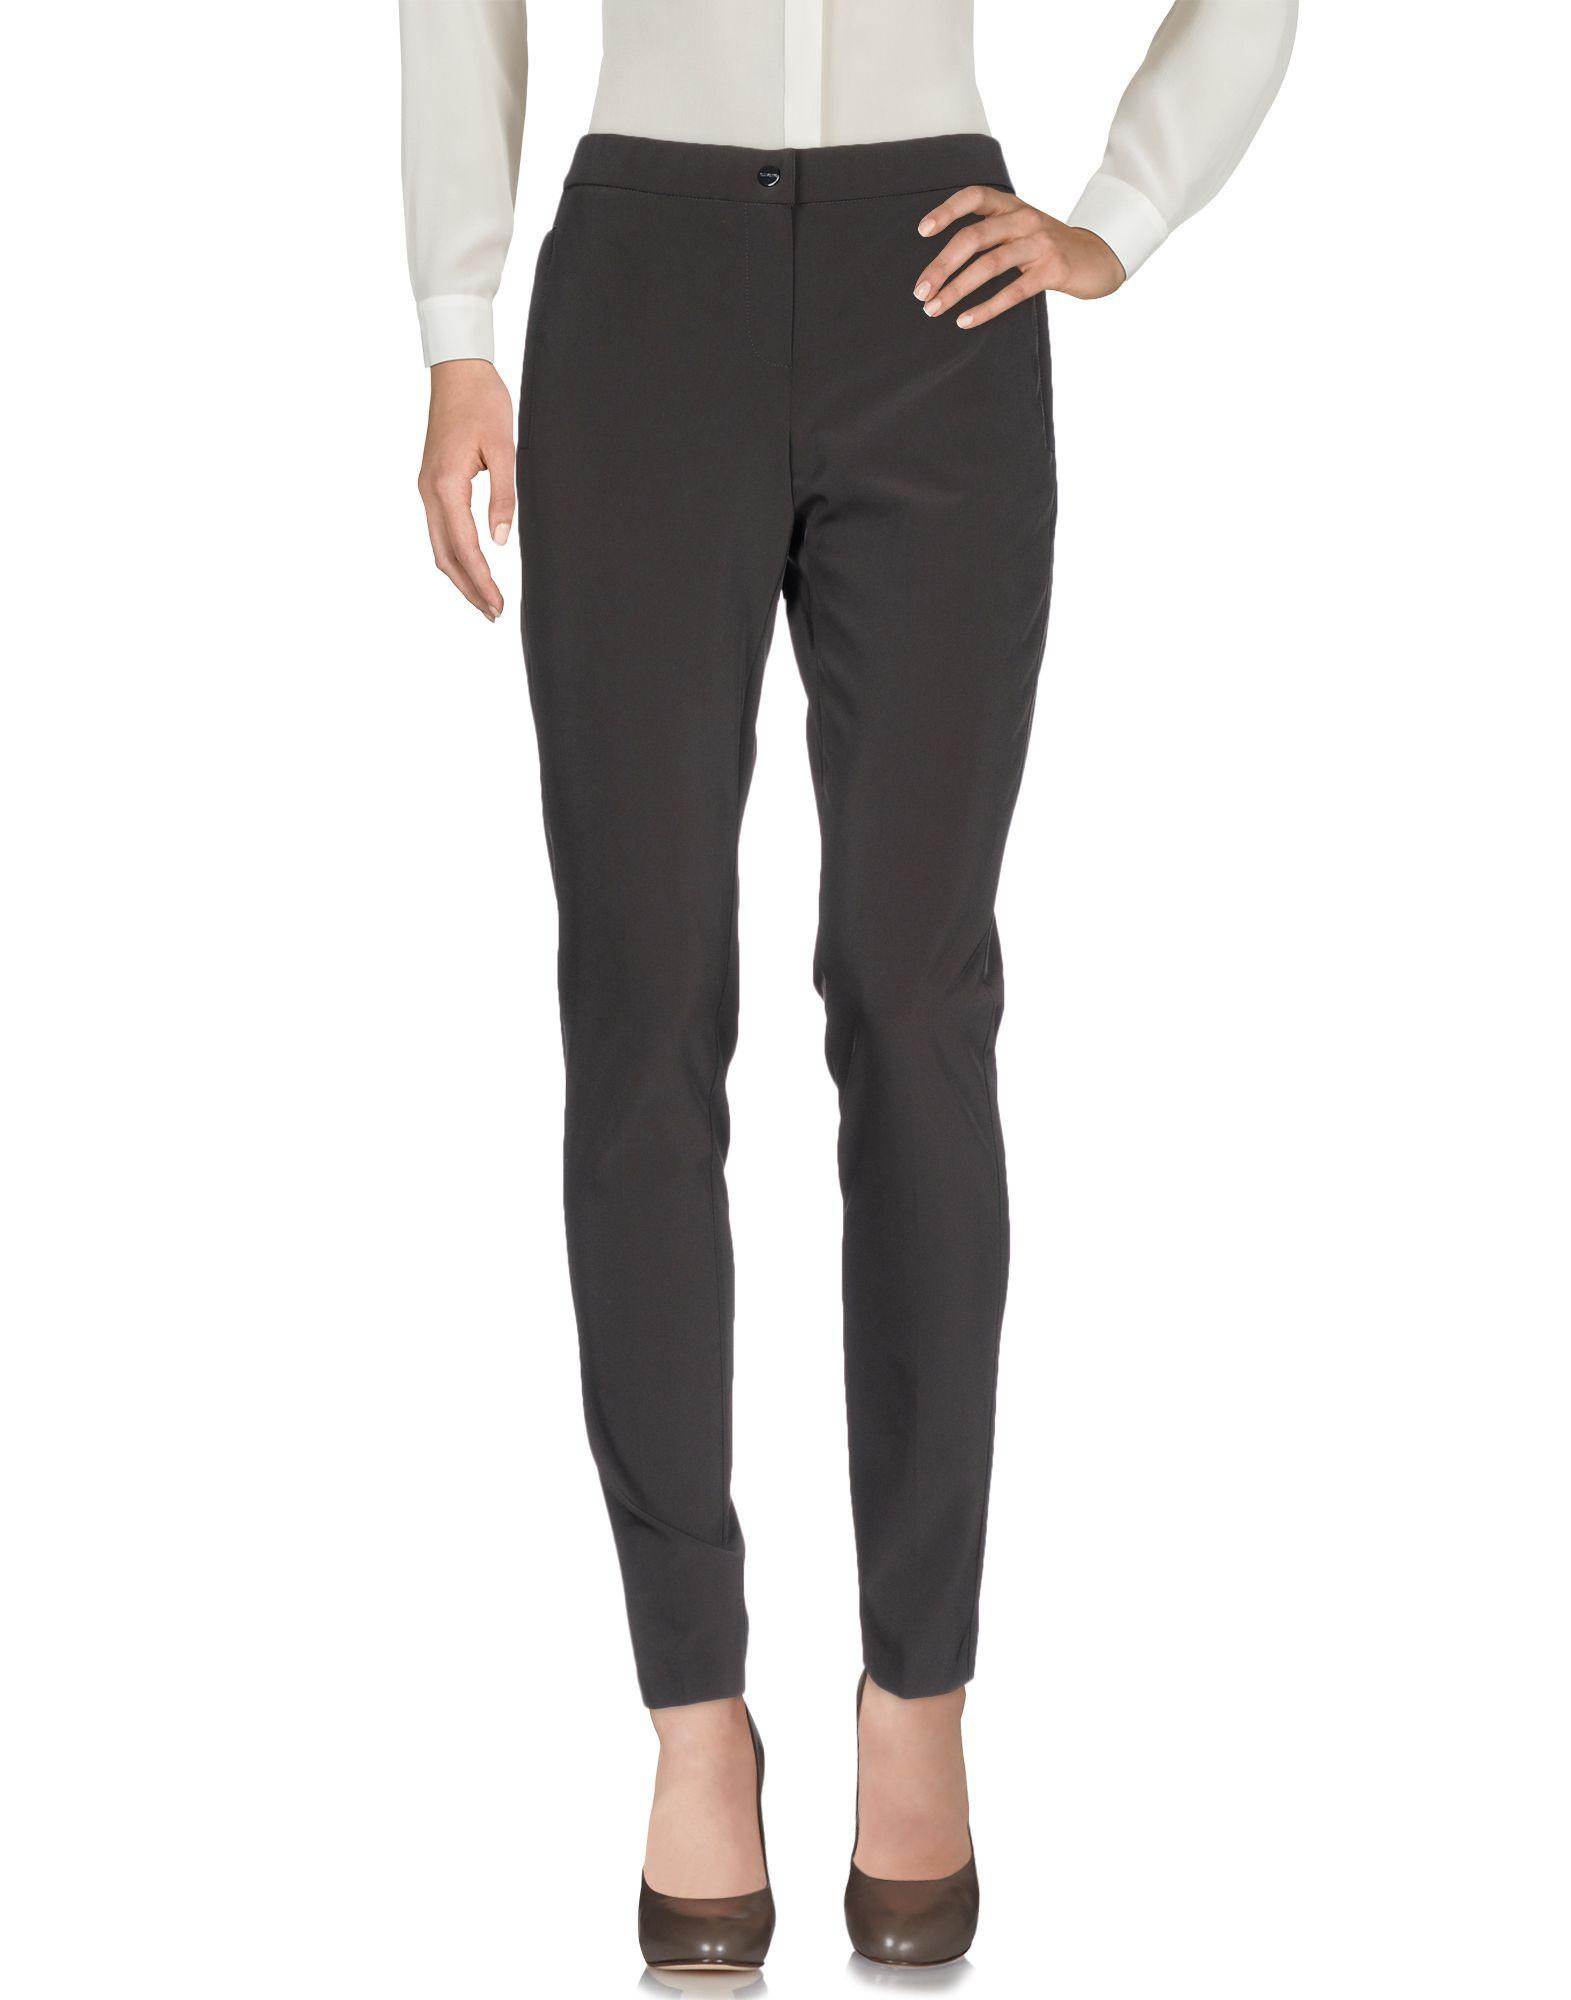 SEDUCTIVE Casual Pants in Dark Brown